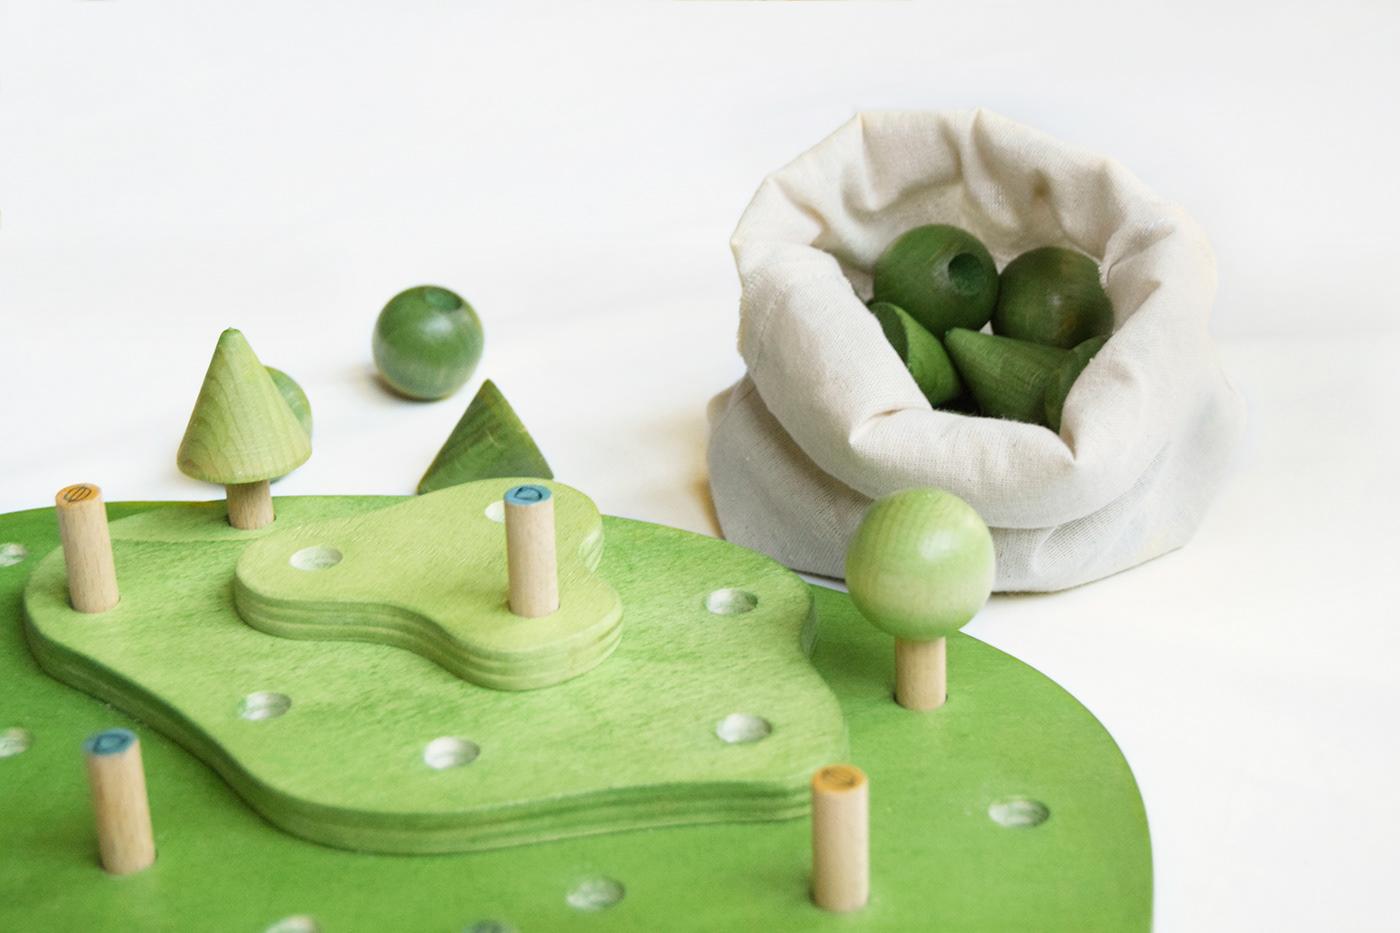 diseño juego de mesa madera naturaleza producto sostenibilidad Sustainability